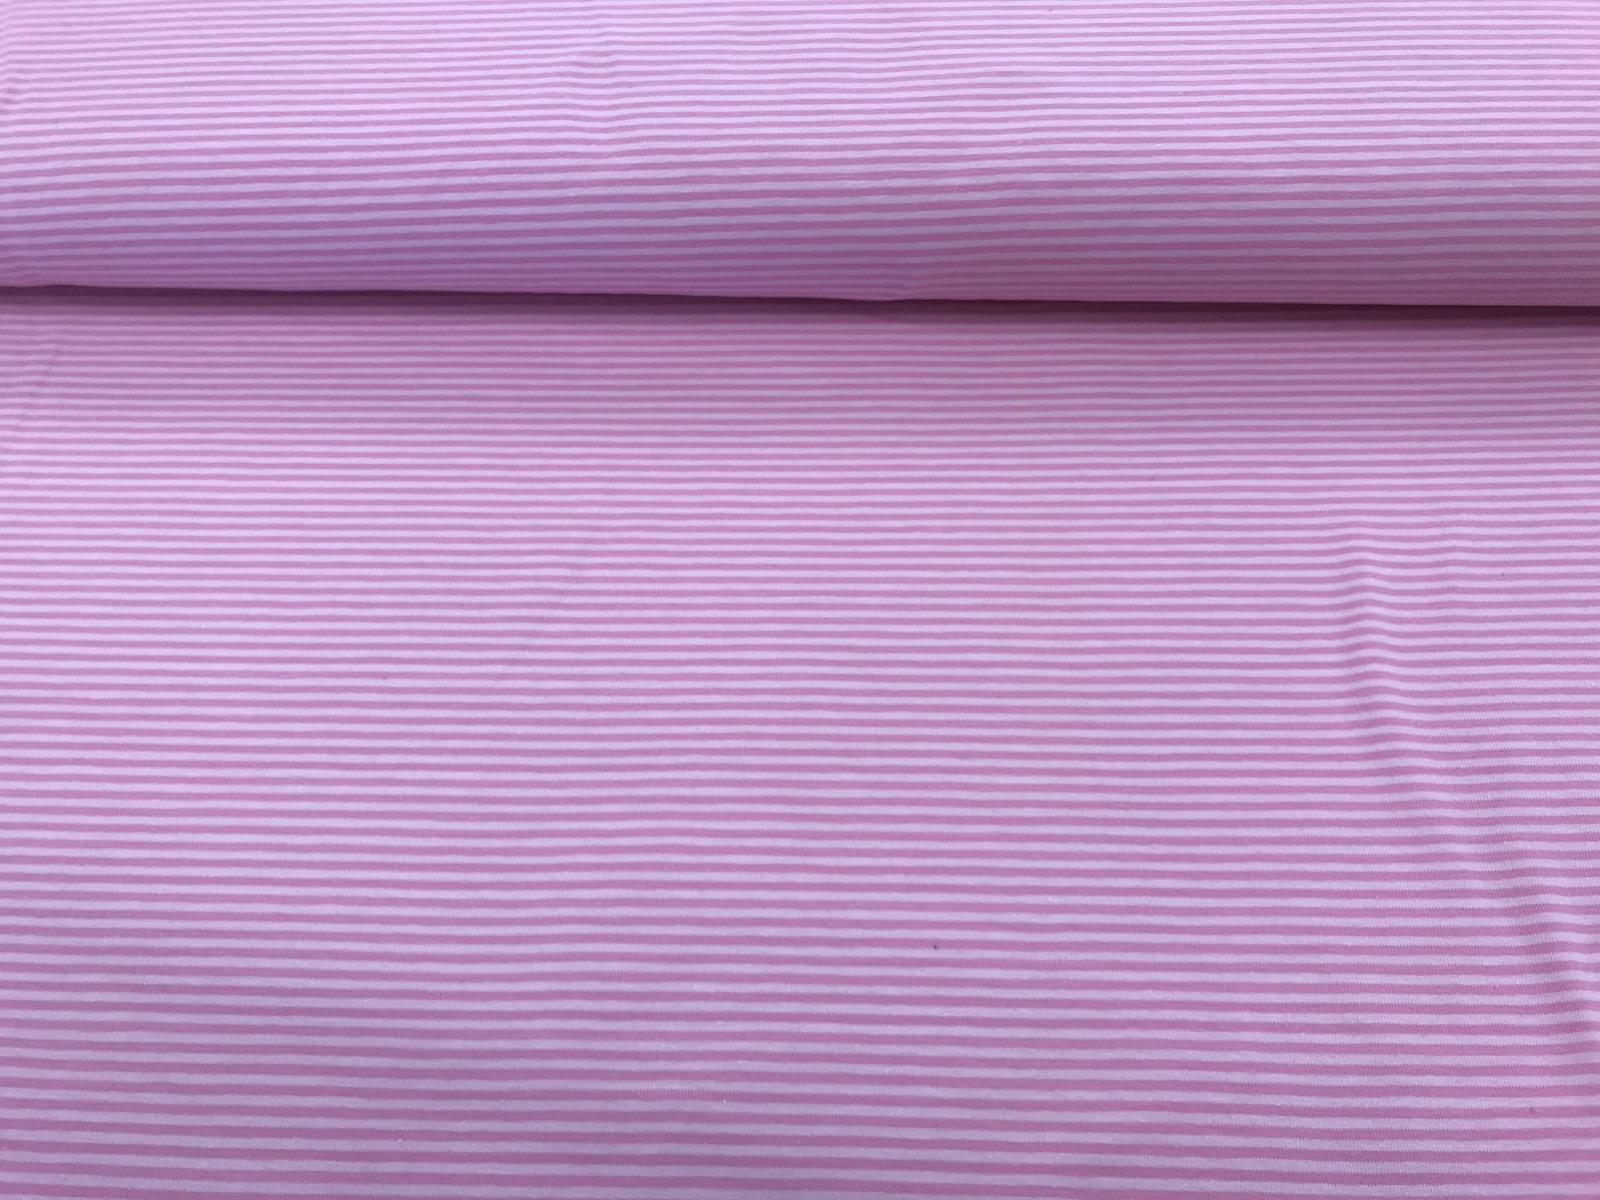 Baumwoll-Jersey Ringel rosa-pink 2